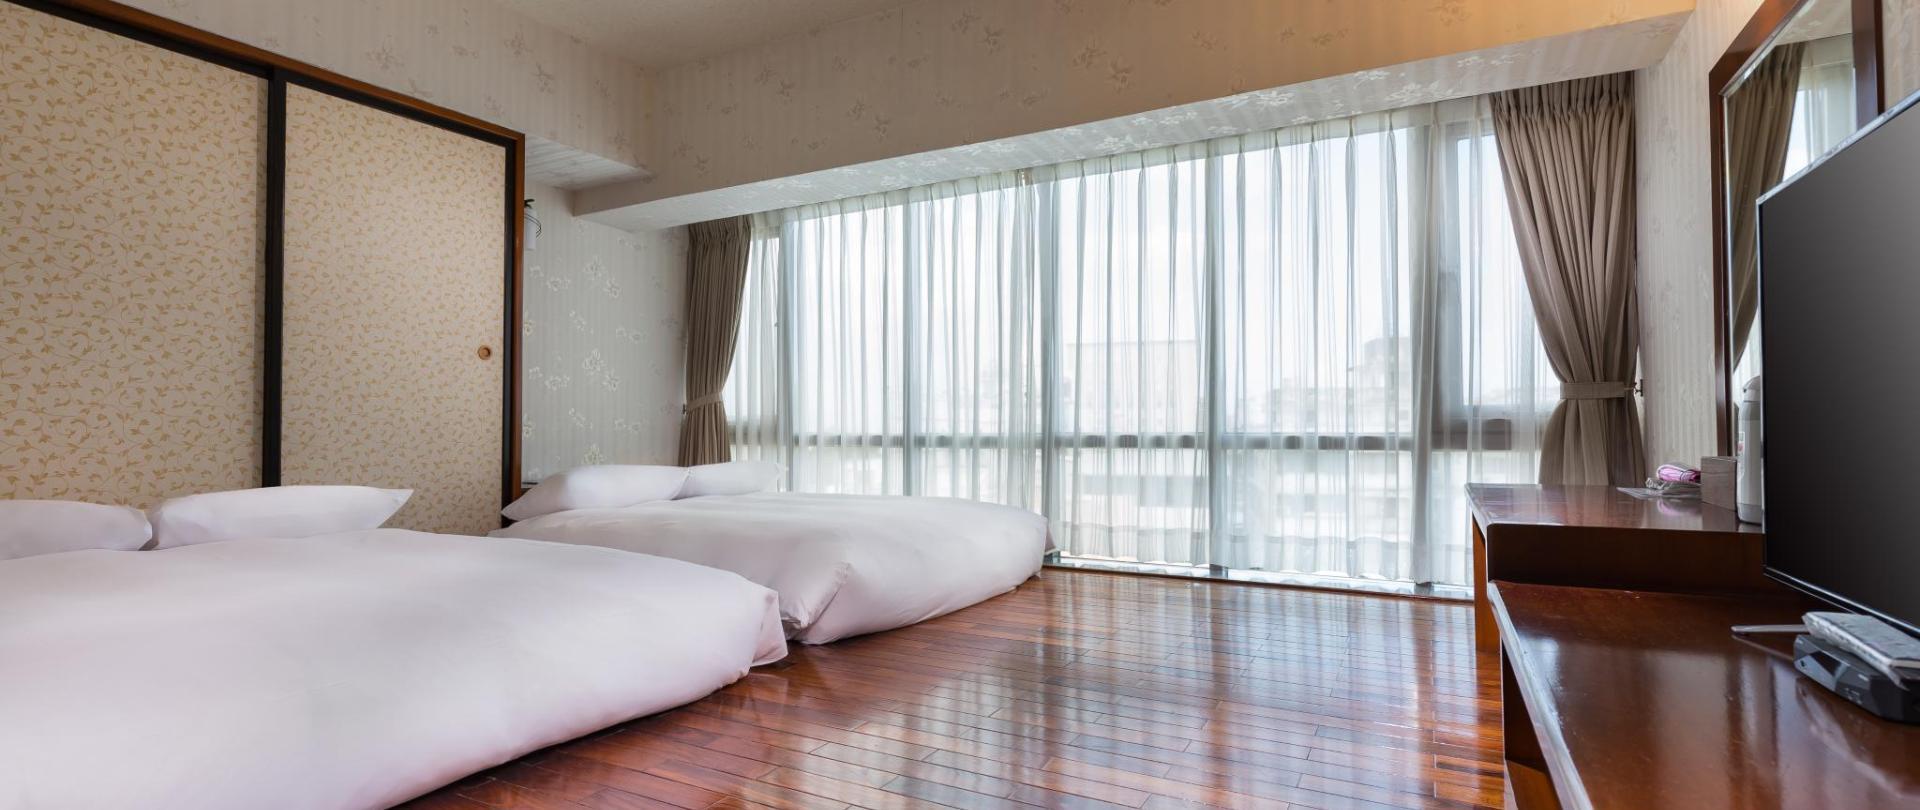 Lishin Hotel